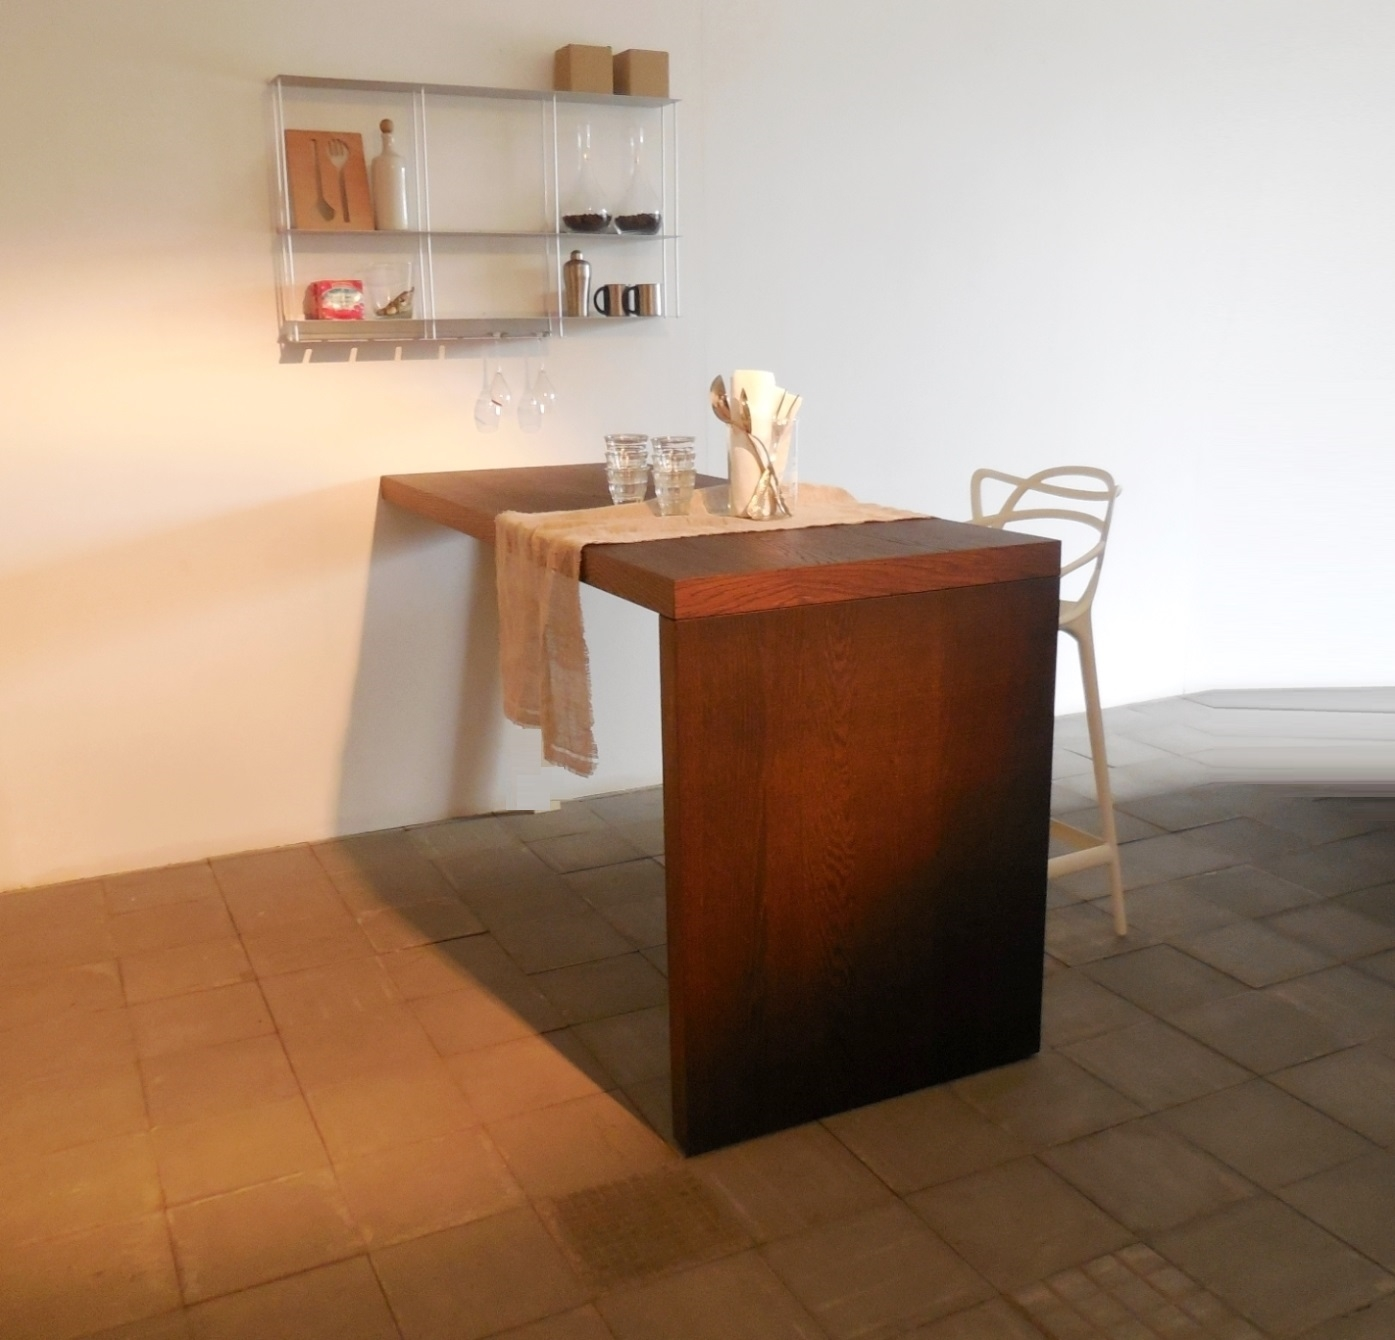 Cucina modulnova piano snack penisola tavolo rovere raw for Immagini per cucina